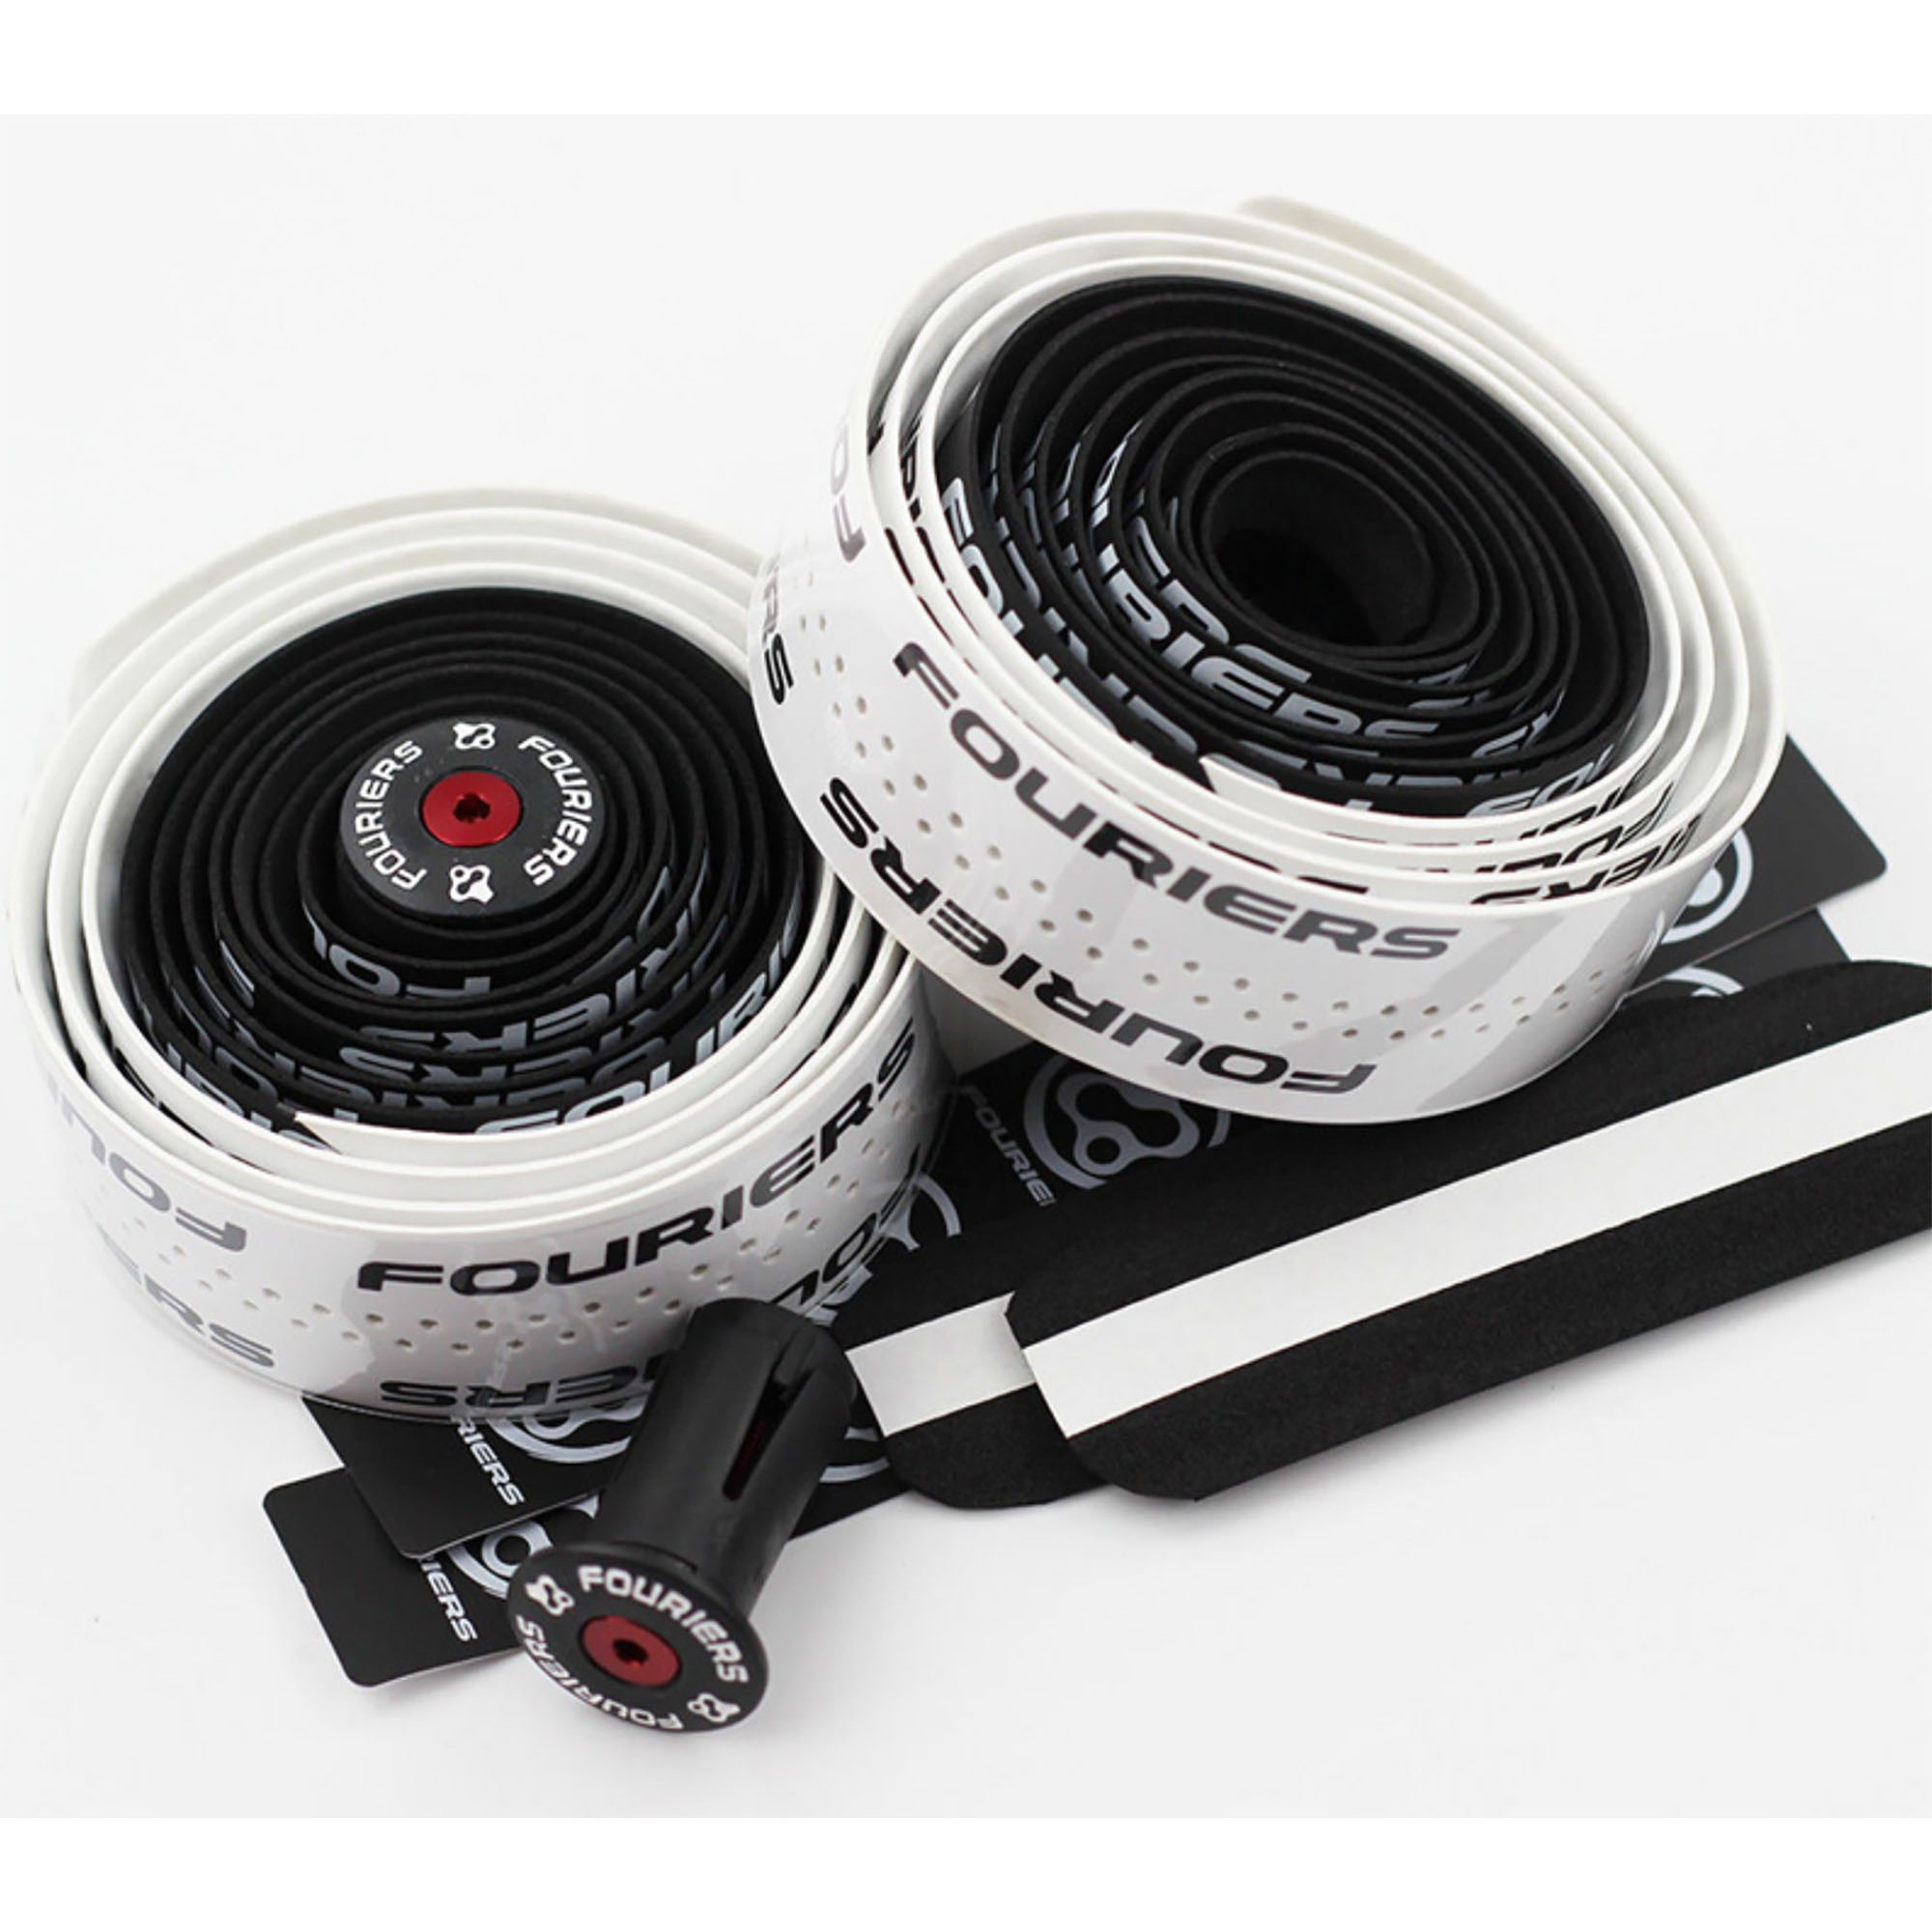 Guidoline Fouriers bicolore noir-blanc 3mm BP-S001-DC30